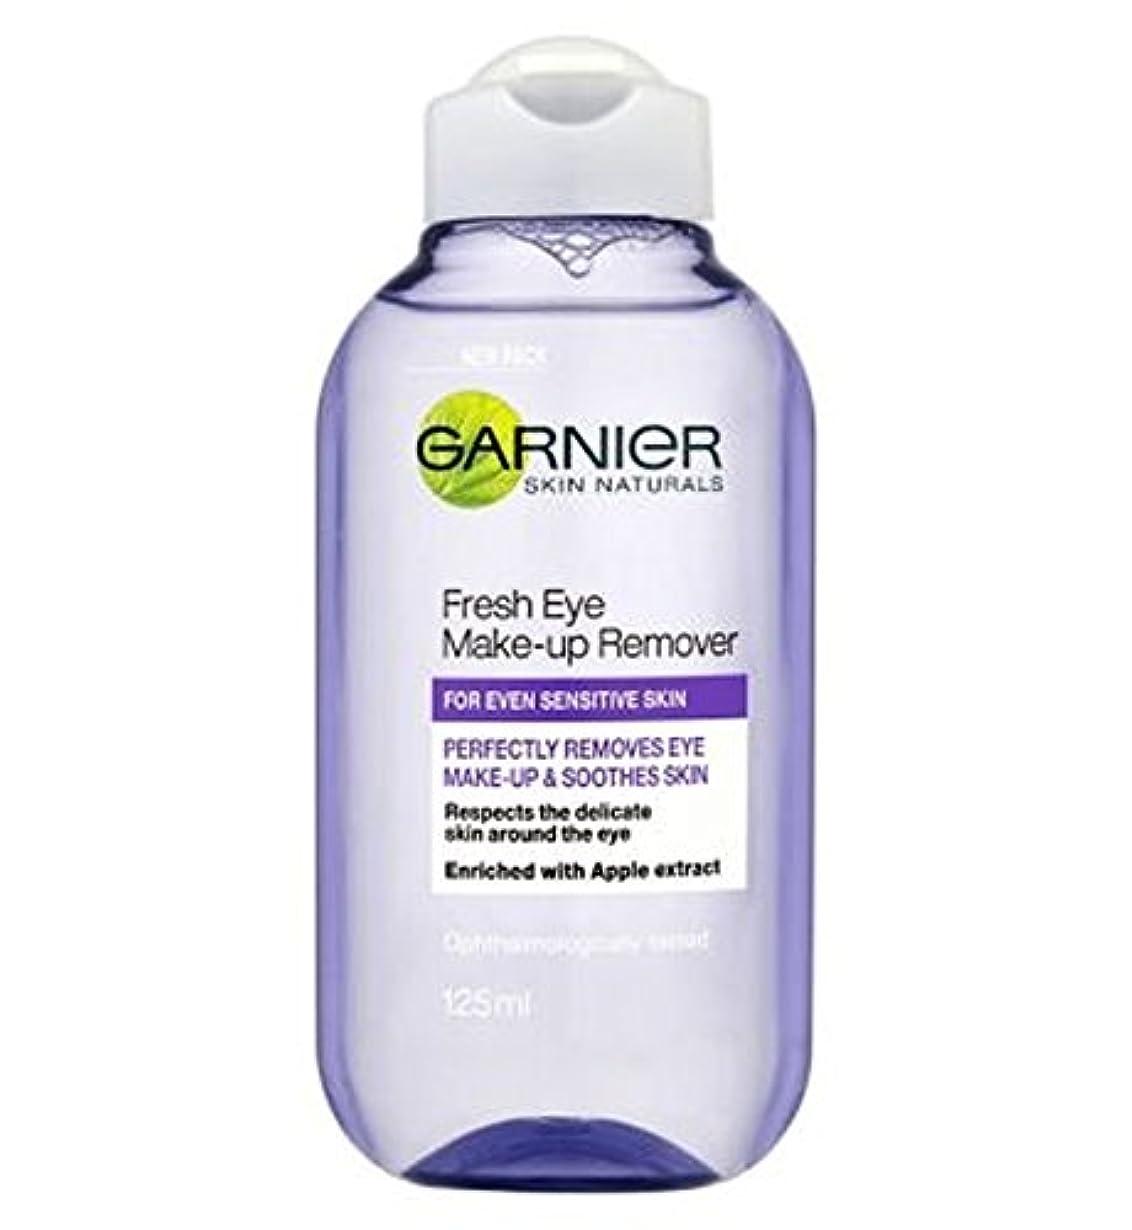 ロッカー助けになる開業医Garnier Fresh Eye Make Up Remover 125ml - ガルニエ新鮮な目作るリムーバー125ミリリットル (Garnier) [並行輸入品]